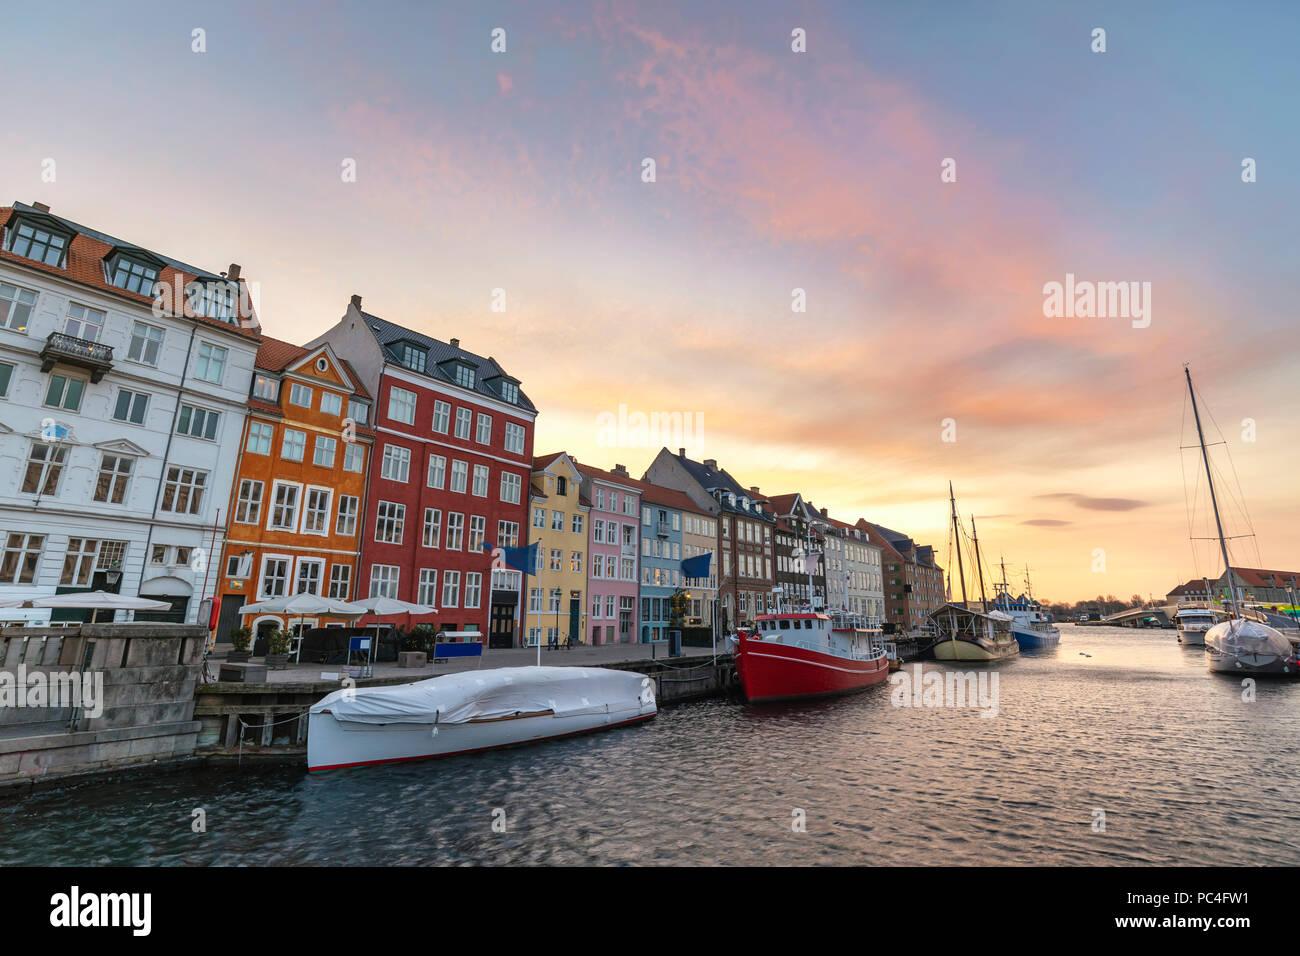 Amanecer en el horizonte de la ciudad de Copenhague puerto Nyhavn, Copenhague, Dinamarca Foto de stock